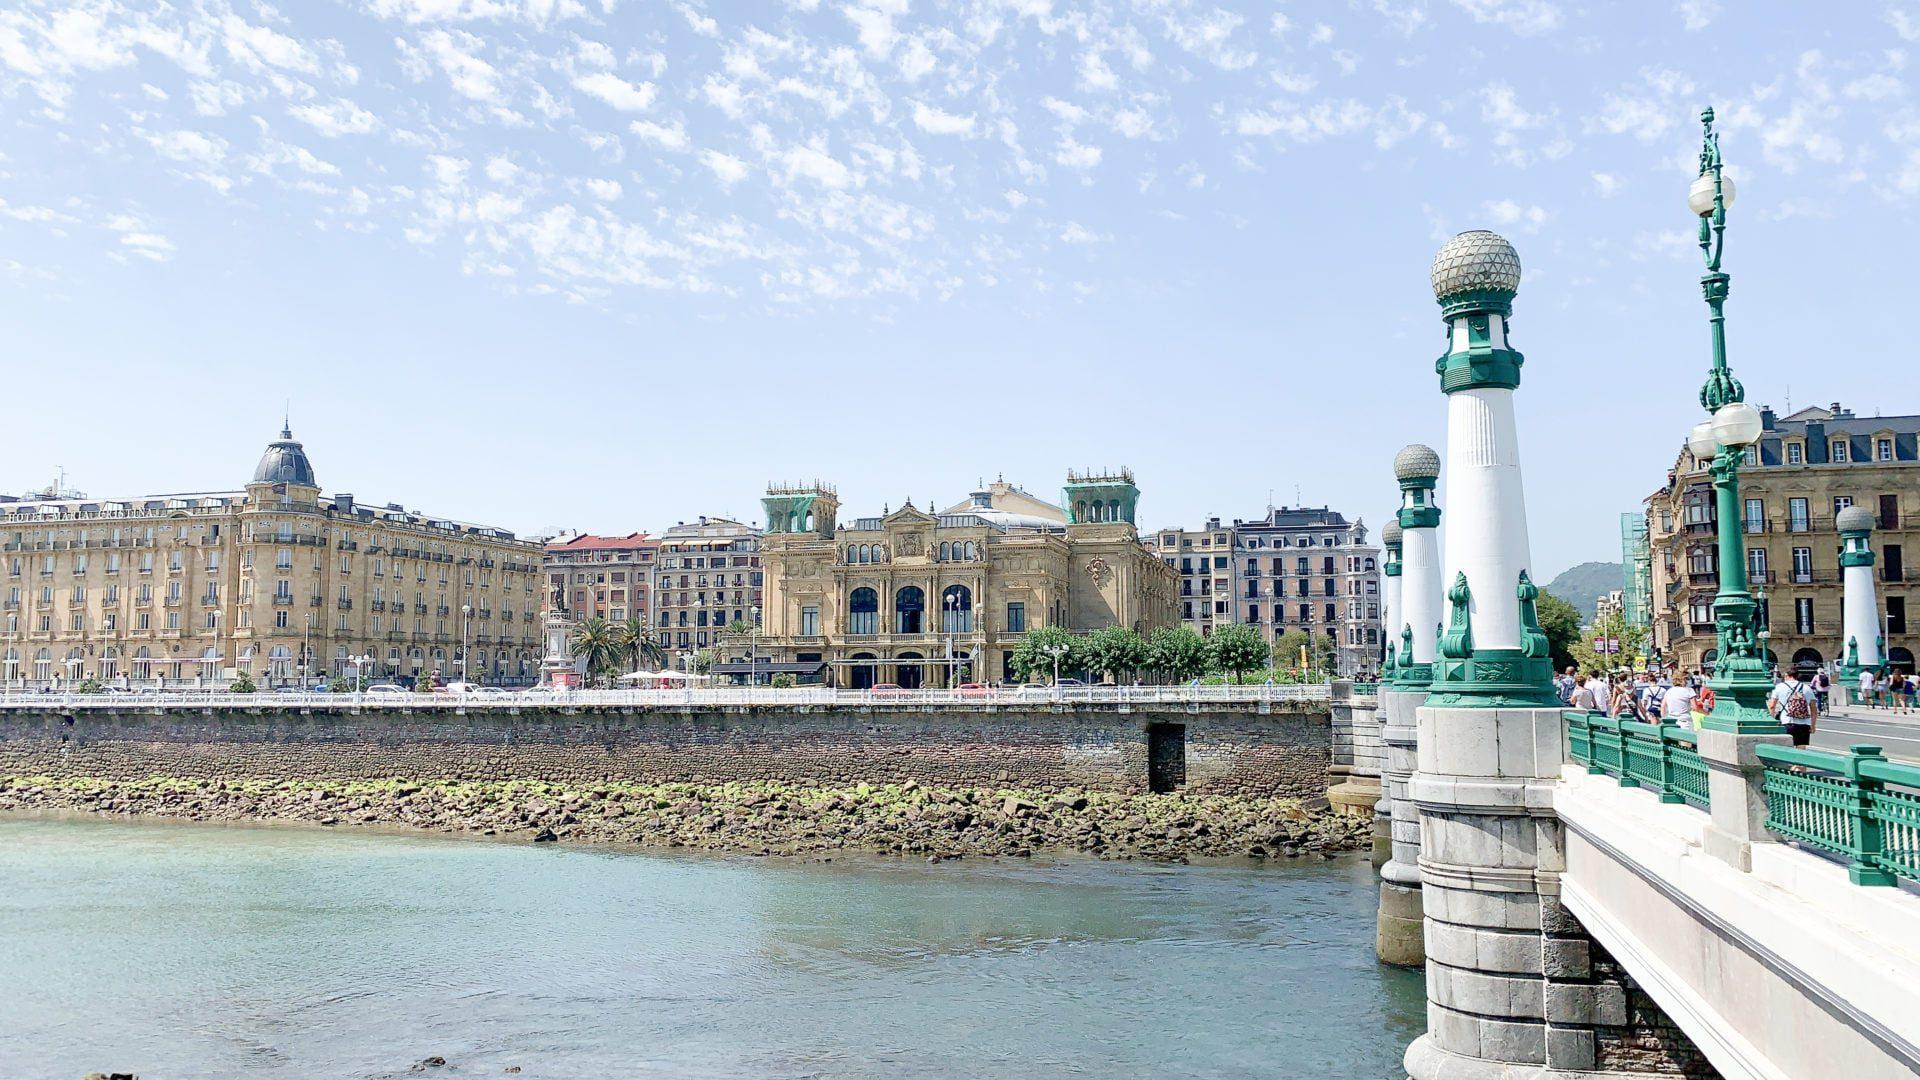 Hoe werd Donostia een klein Parijs?